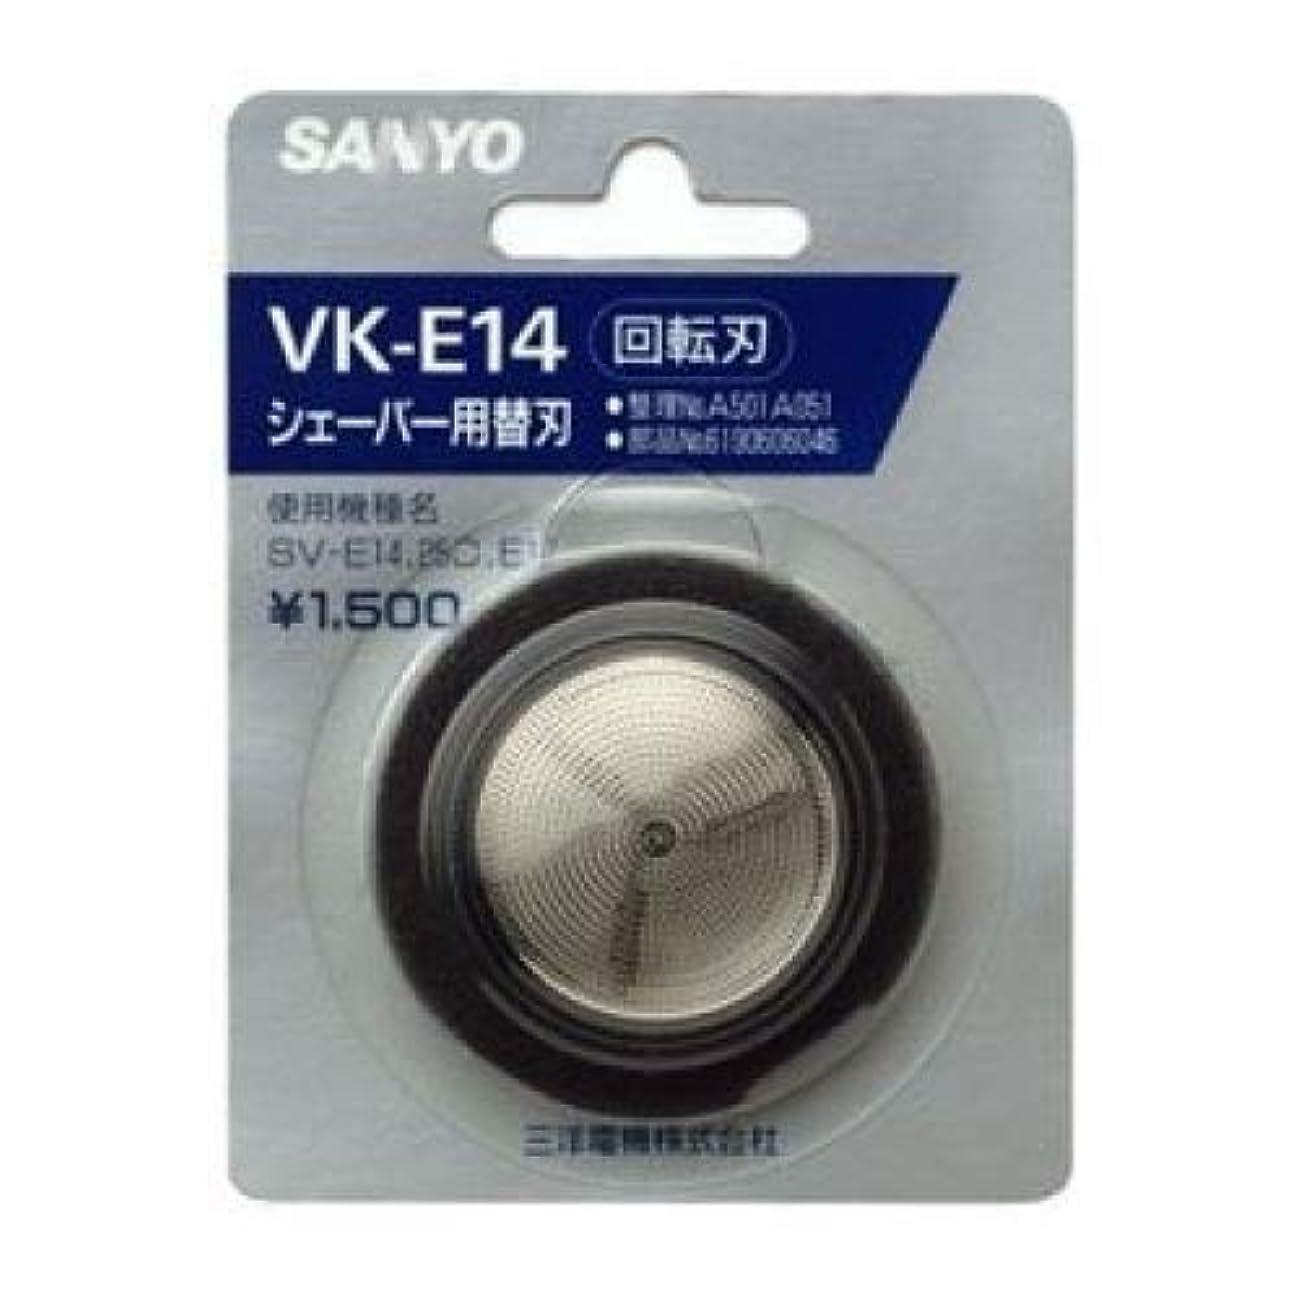 変化する悲惨子豚SANYO シェーバー用替刃 回転式 内?外刃セット KA-VK-E14